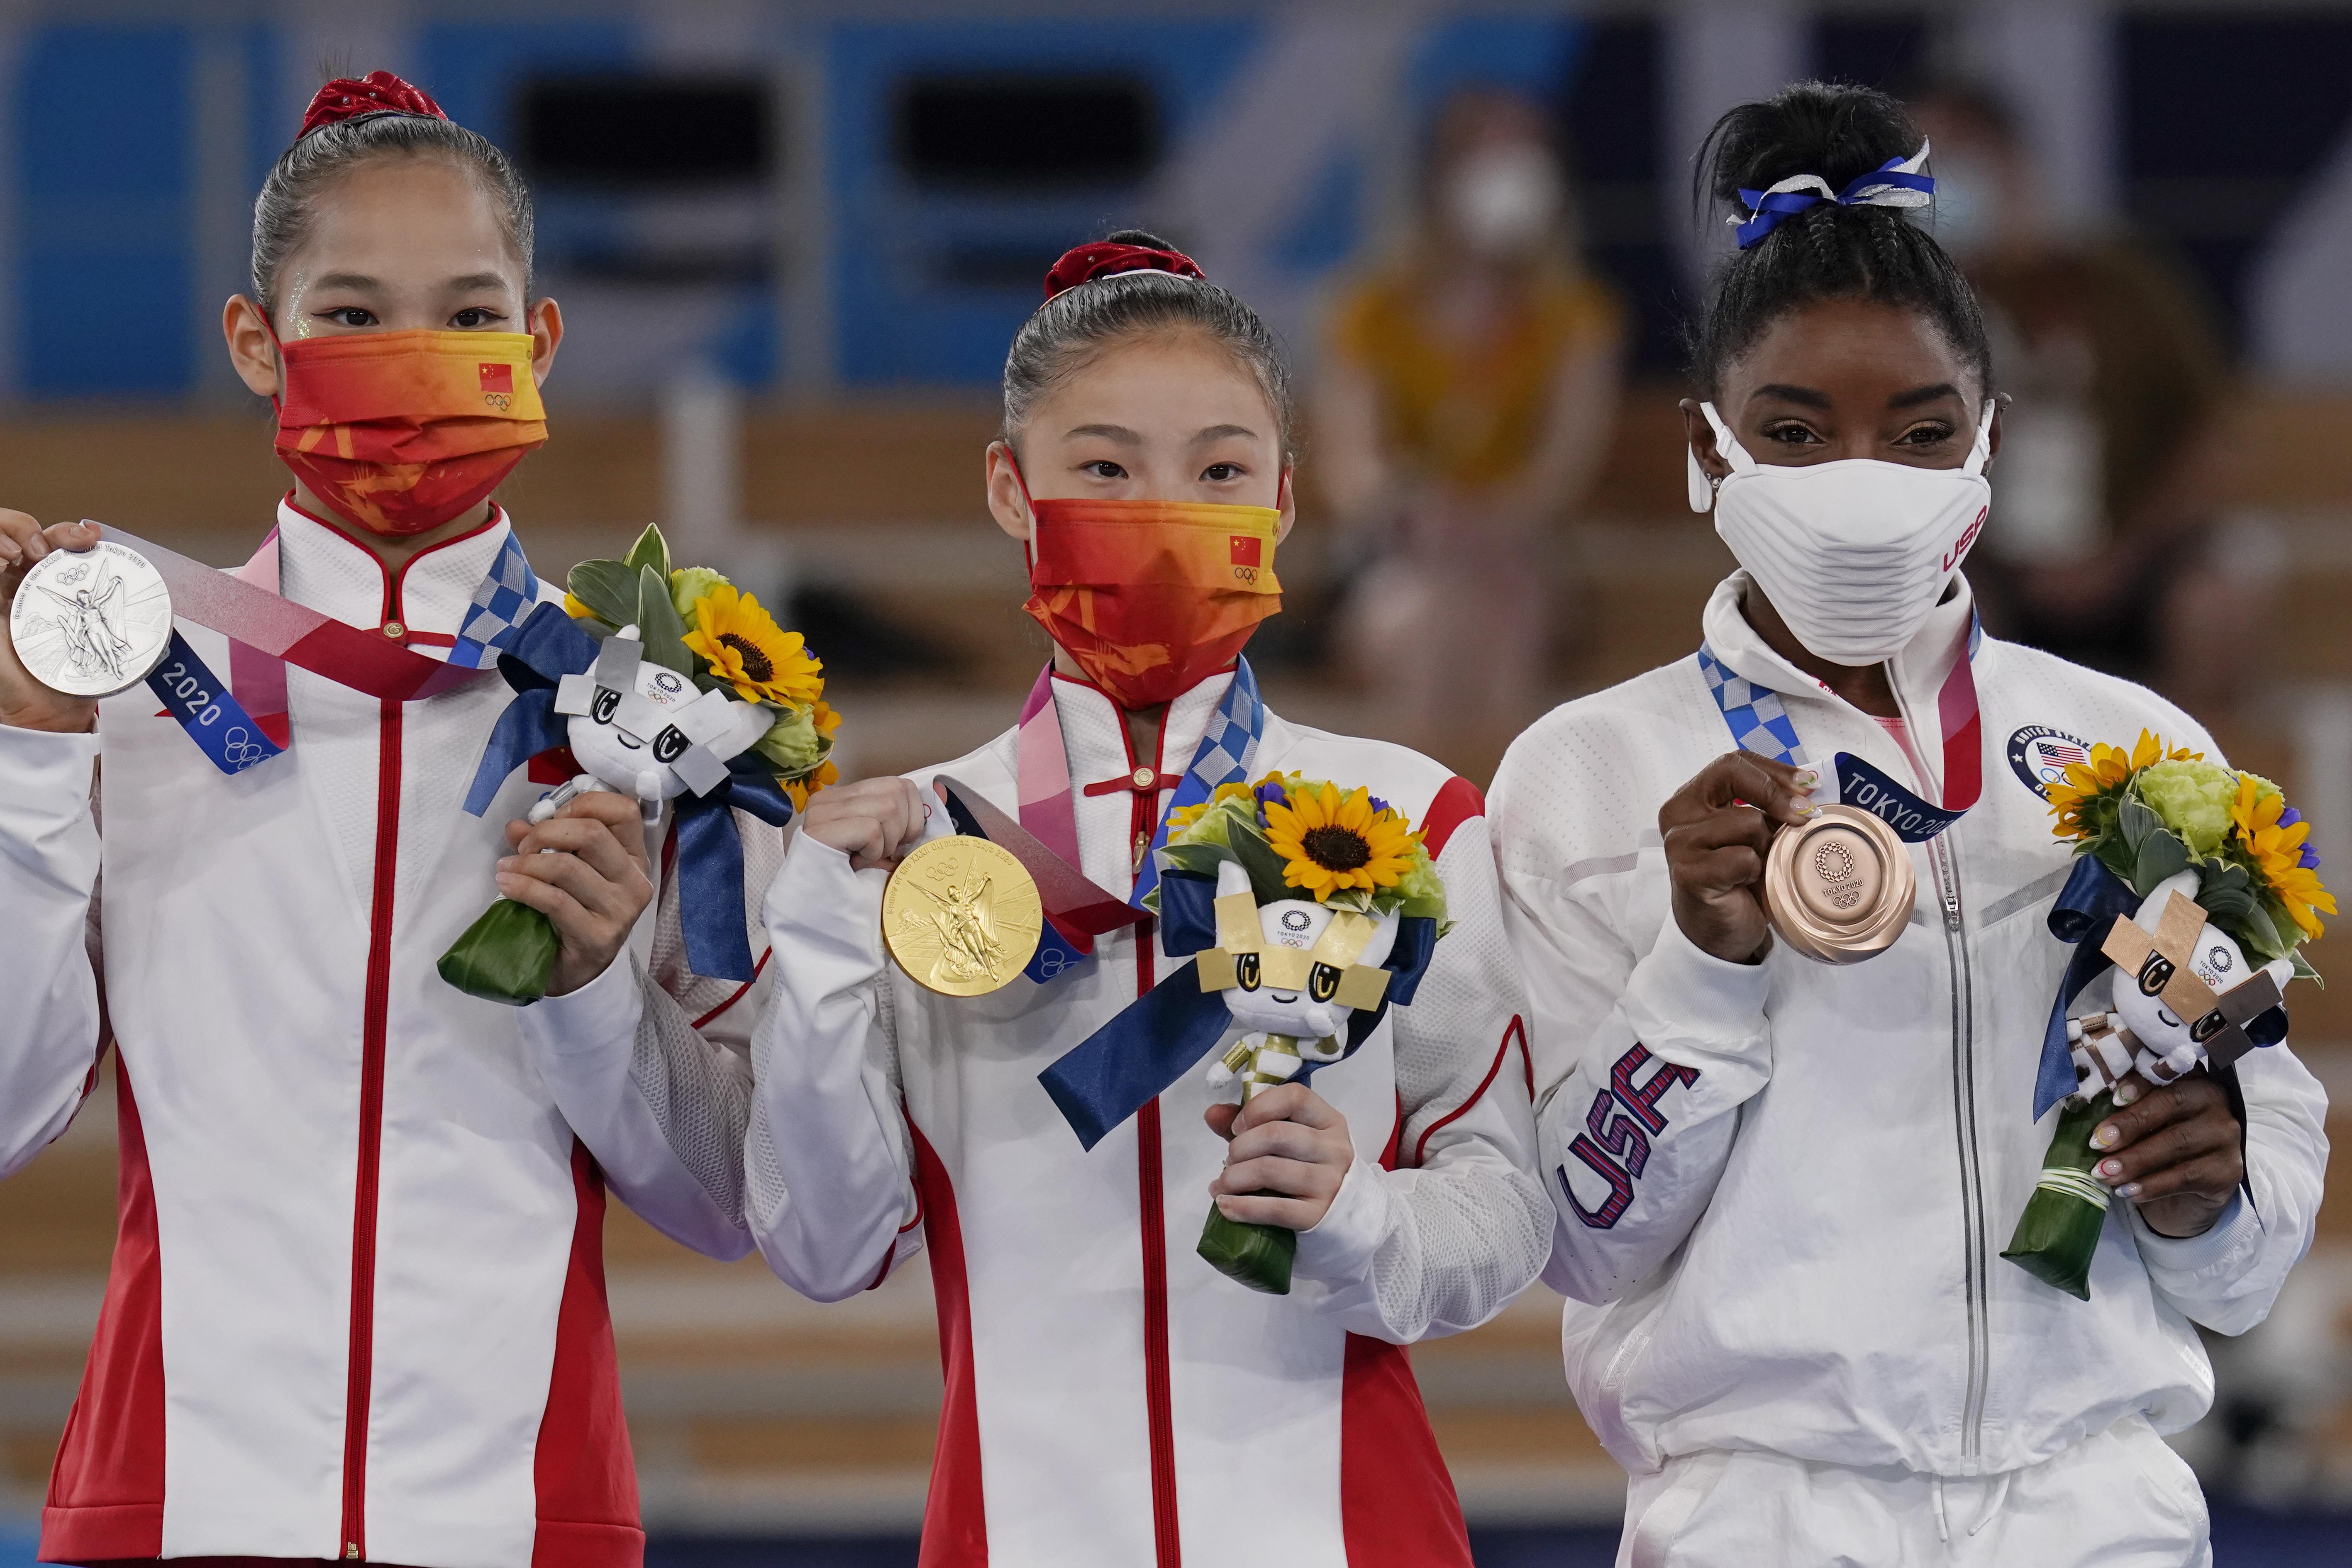 دارنده مدال طلا گوان چنچن ، از چین ، مرکز ، با دارنده مدال نقره تانگ شیجینگ ، از چپ ، دارنده مدال برنز چپ ، و سیمون بیلز ، دارنده مدال برنز از ایالات متحده ، بر روی سکو ایستاده است ، پس از مسابقه پرتو تعادل در فینال دستگاه های ژیمناستیک هنری زنان در سال 2020 المپیک تابستانی ، سه شنبه ، 3 اوت 2021 ، در توکیو ، ژاپن.  (عکس AP/گرگوری بول)